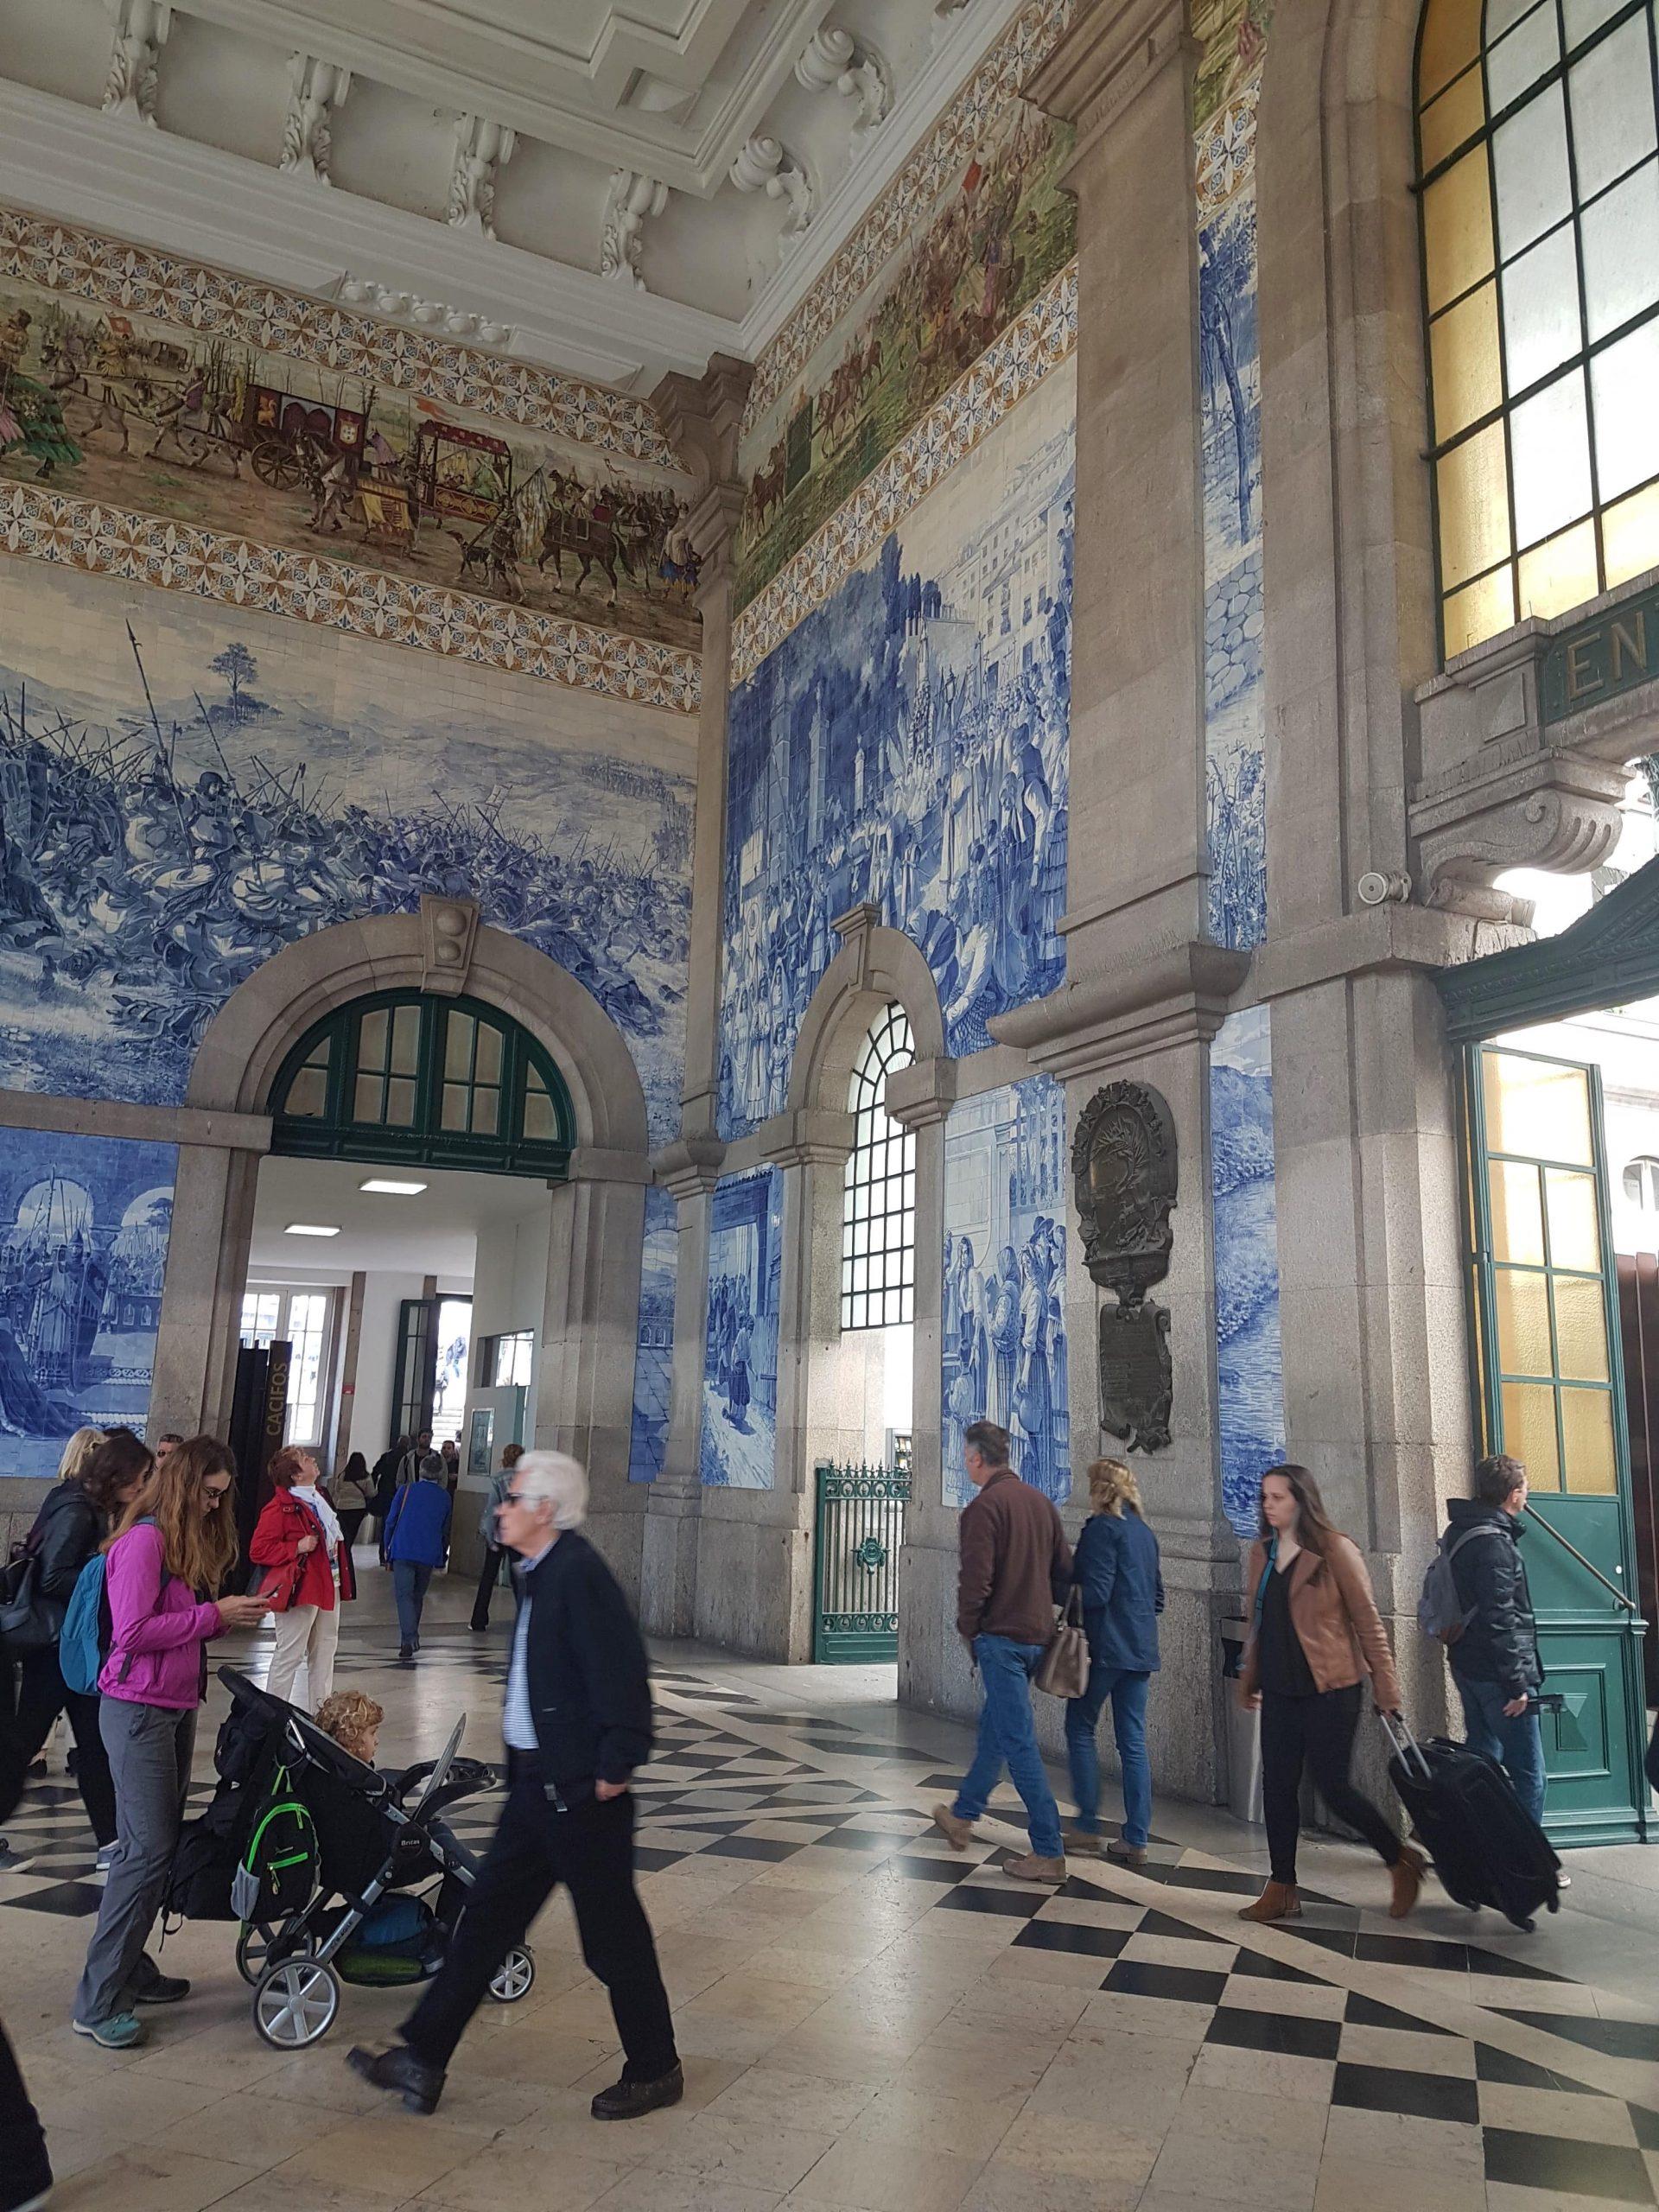 Azulejos en el vestíbulo de la estación de trenes de San Bento